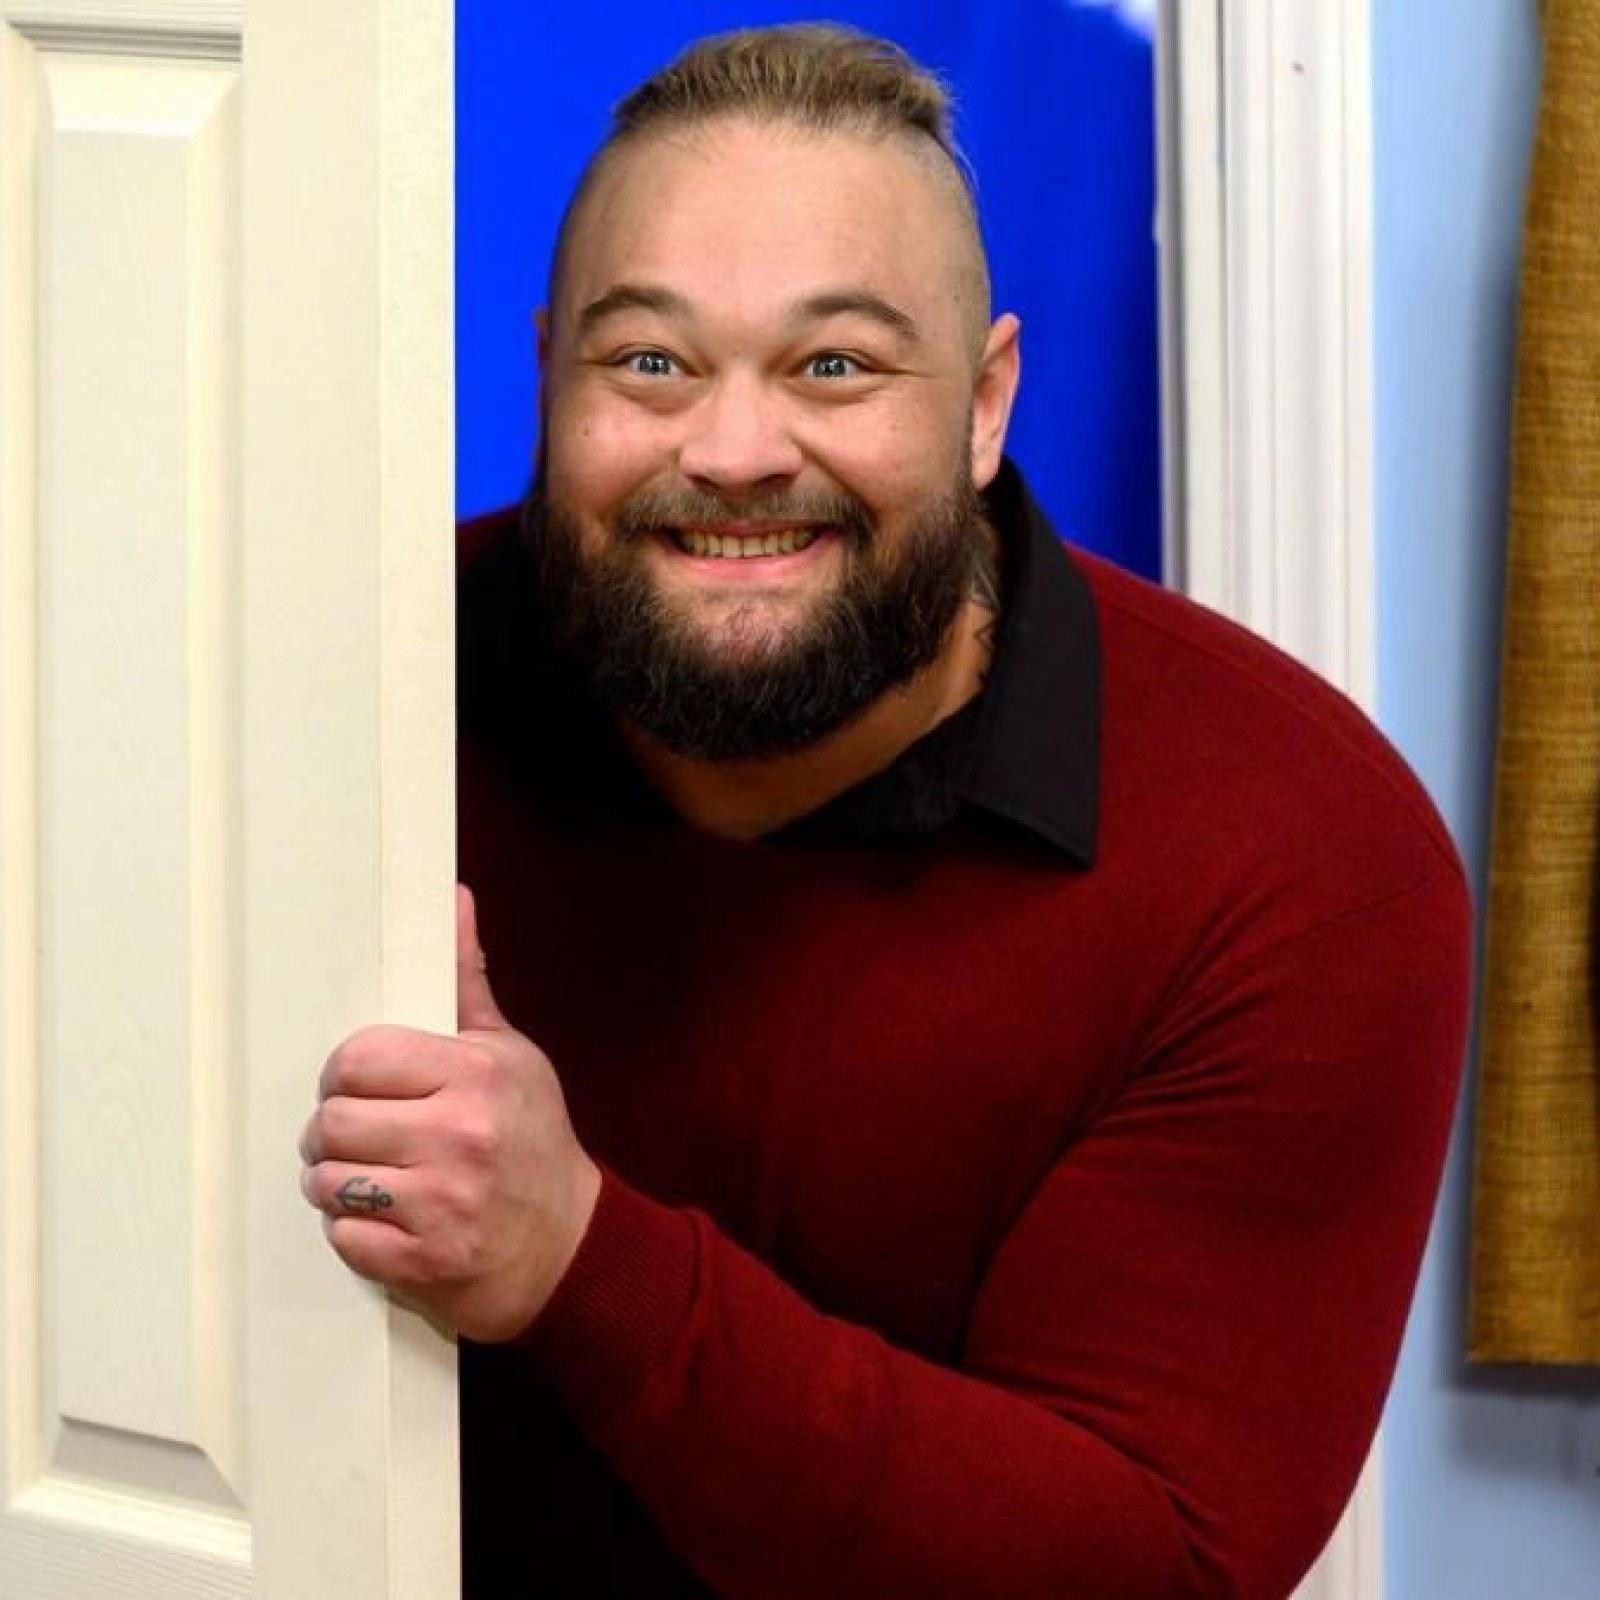 Fiche de Bray Wyatt Bray-wyatt-firefly-fun-house-video-episode-4-clown-raw-wwe